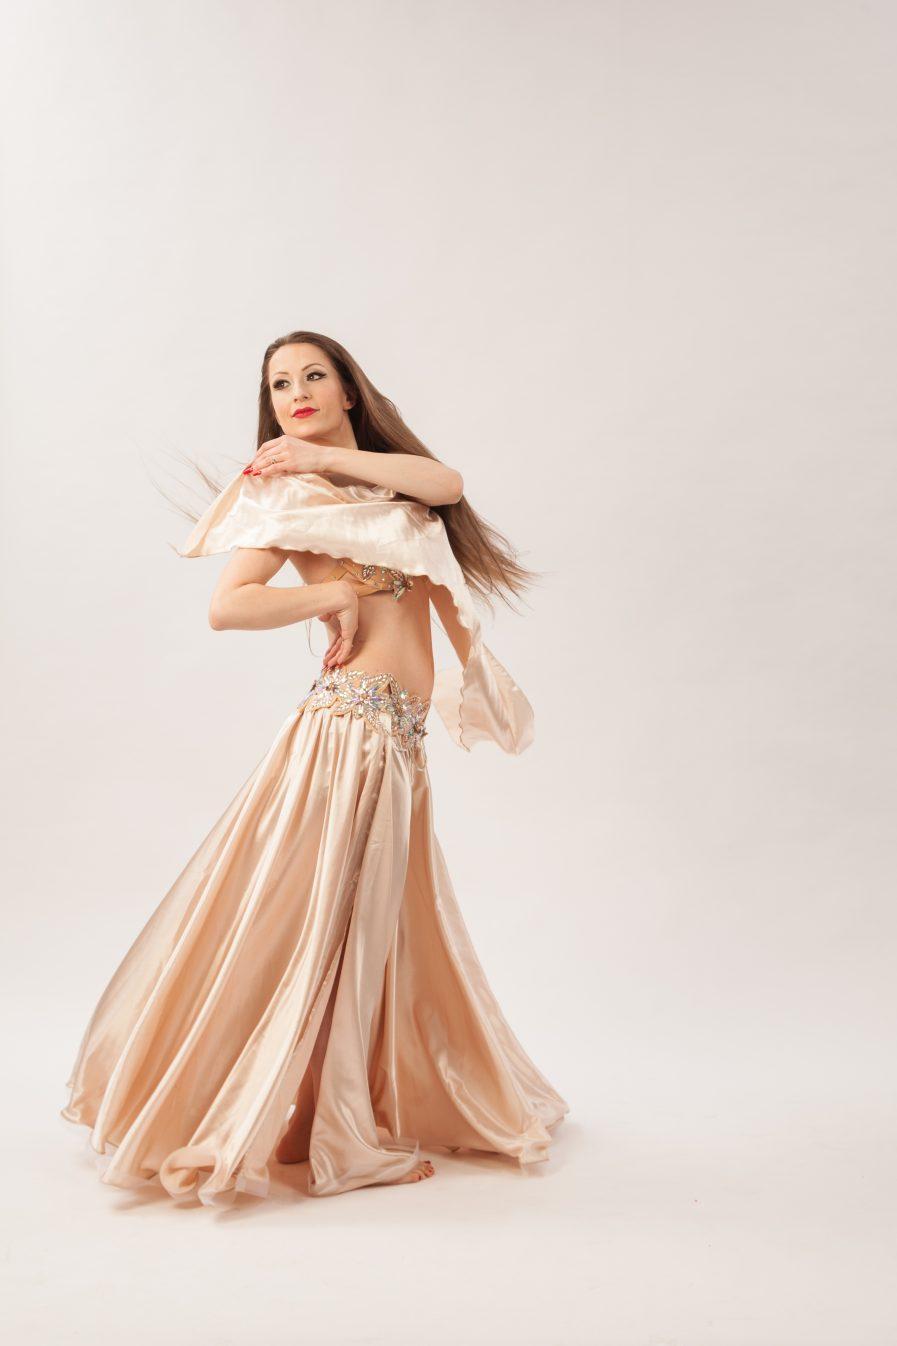 Belly Dance Costume Wüstenblume Zainab - Gr.34-38 - gold4